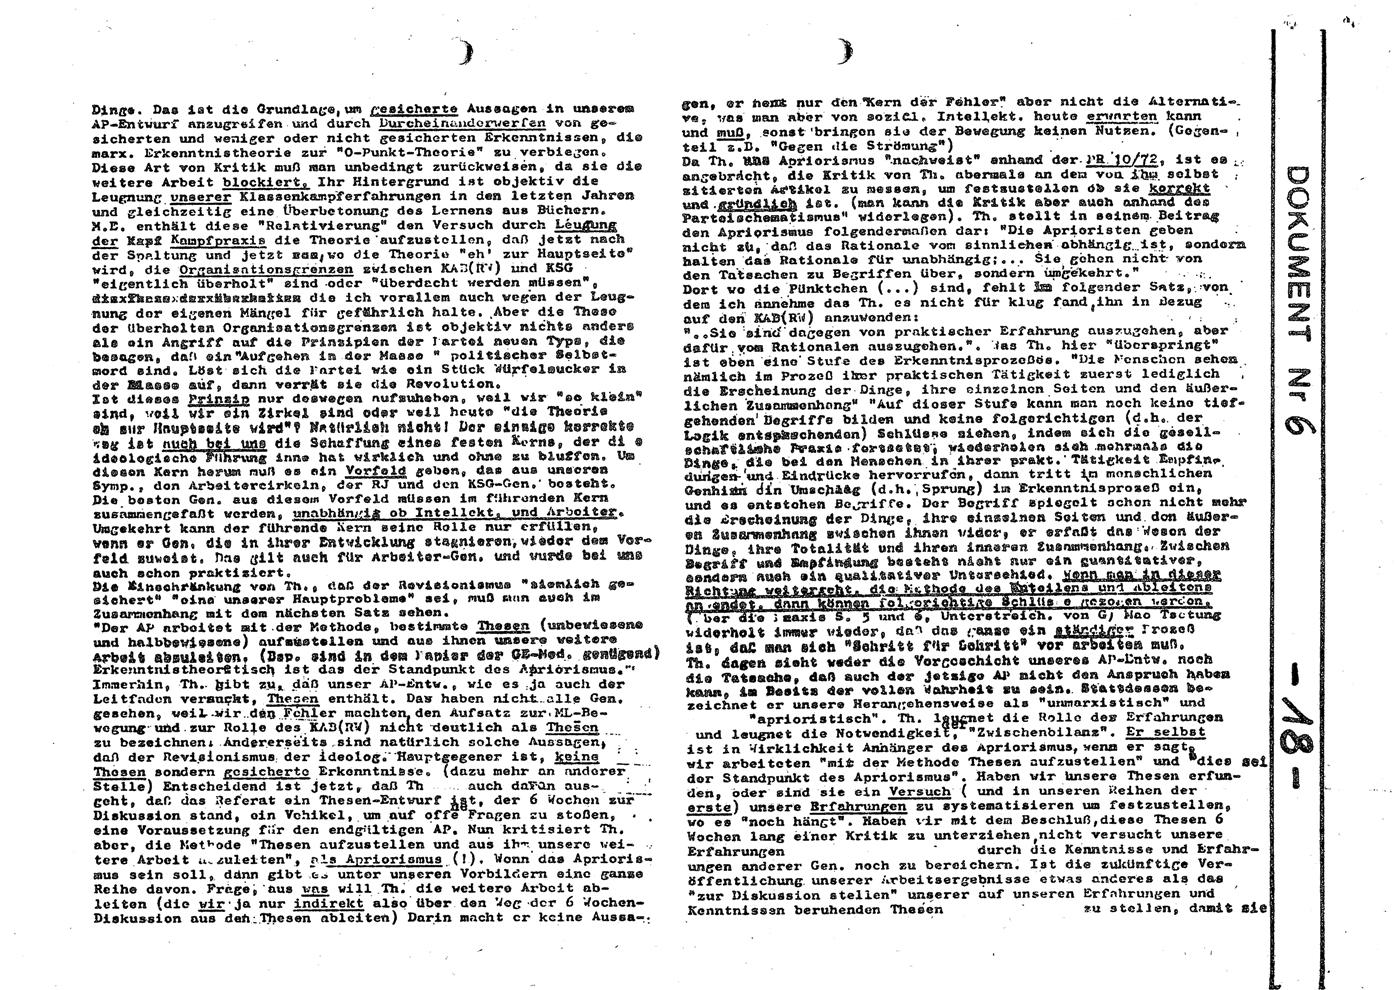 KABRW_Arbeitshefte_1977_24_018